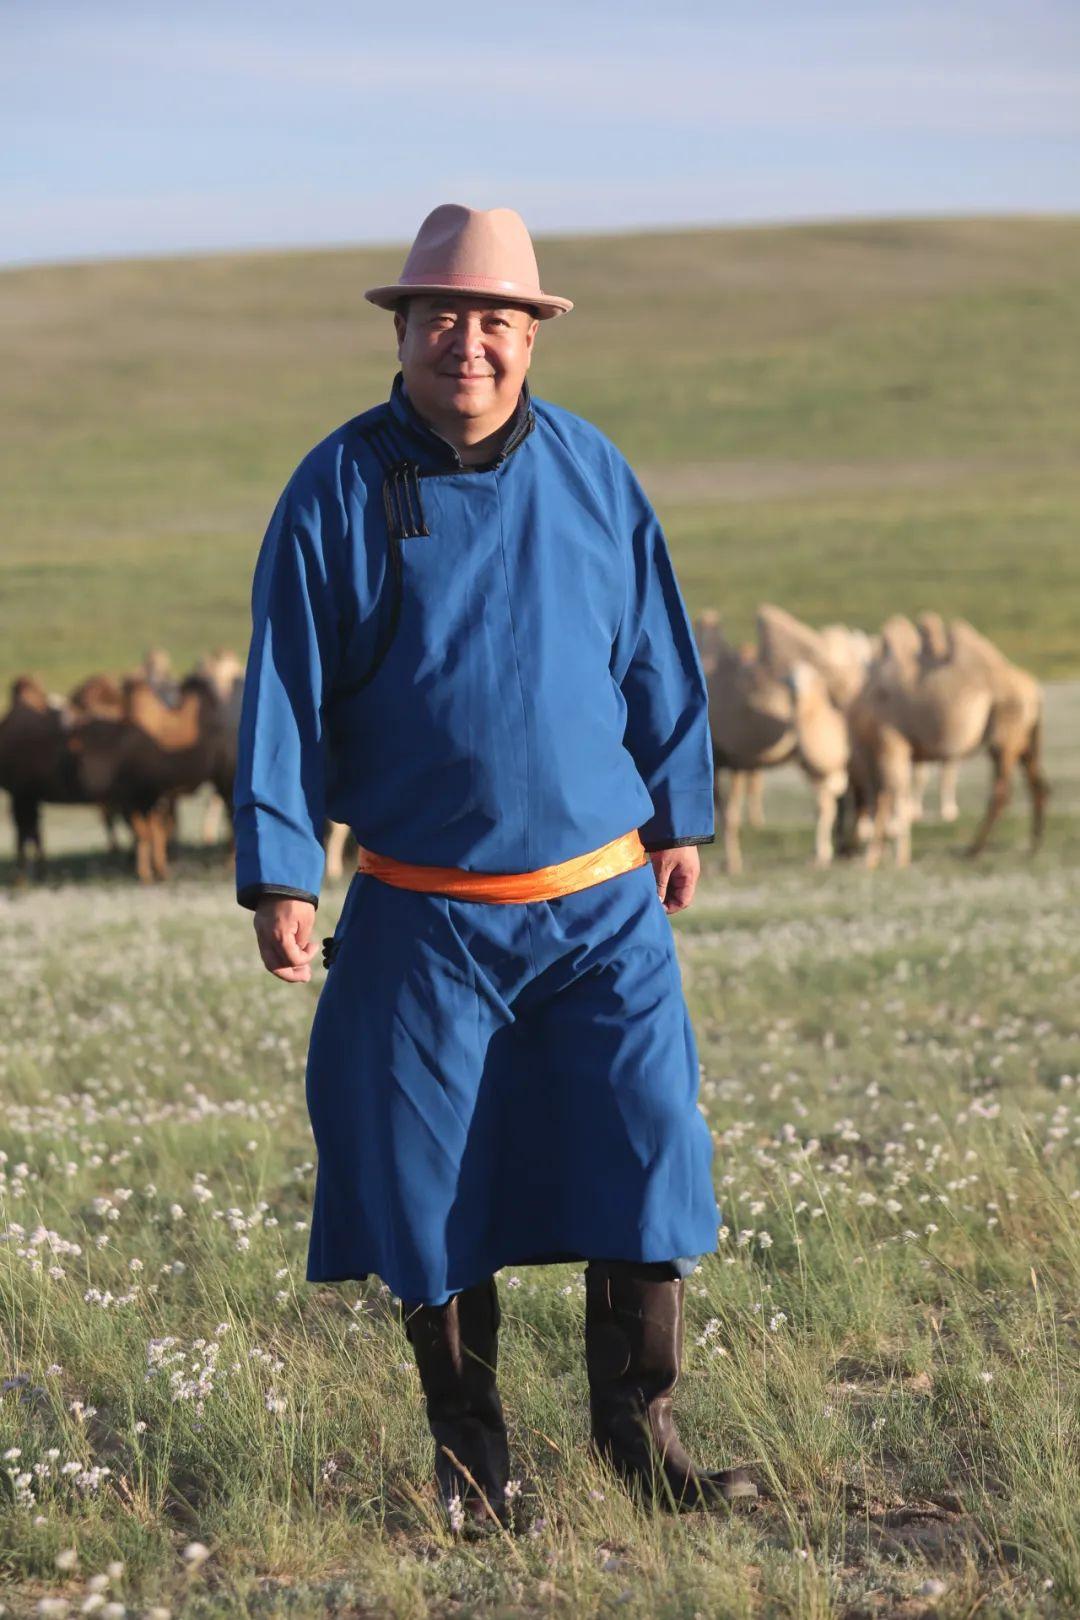 一年创造10个亿,他是怎么做到的? 第12张 一年创造10个亿,他是怎么做到的? 蒙古文化